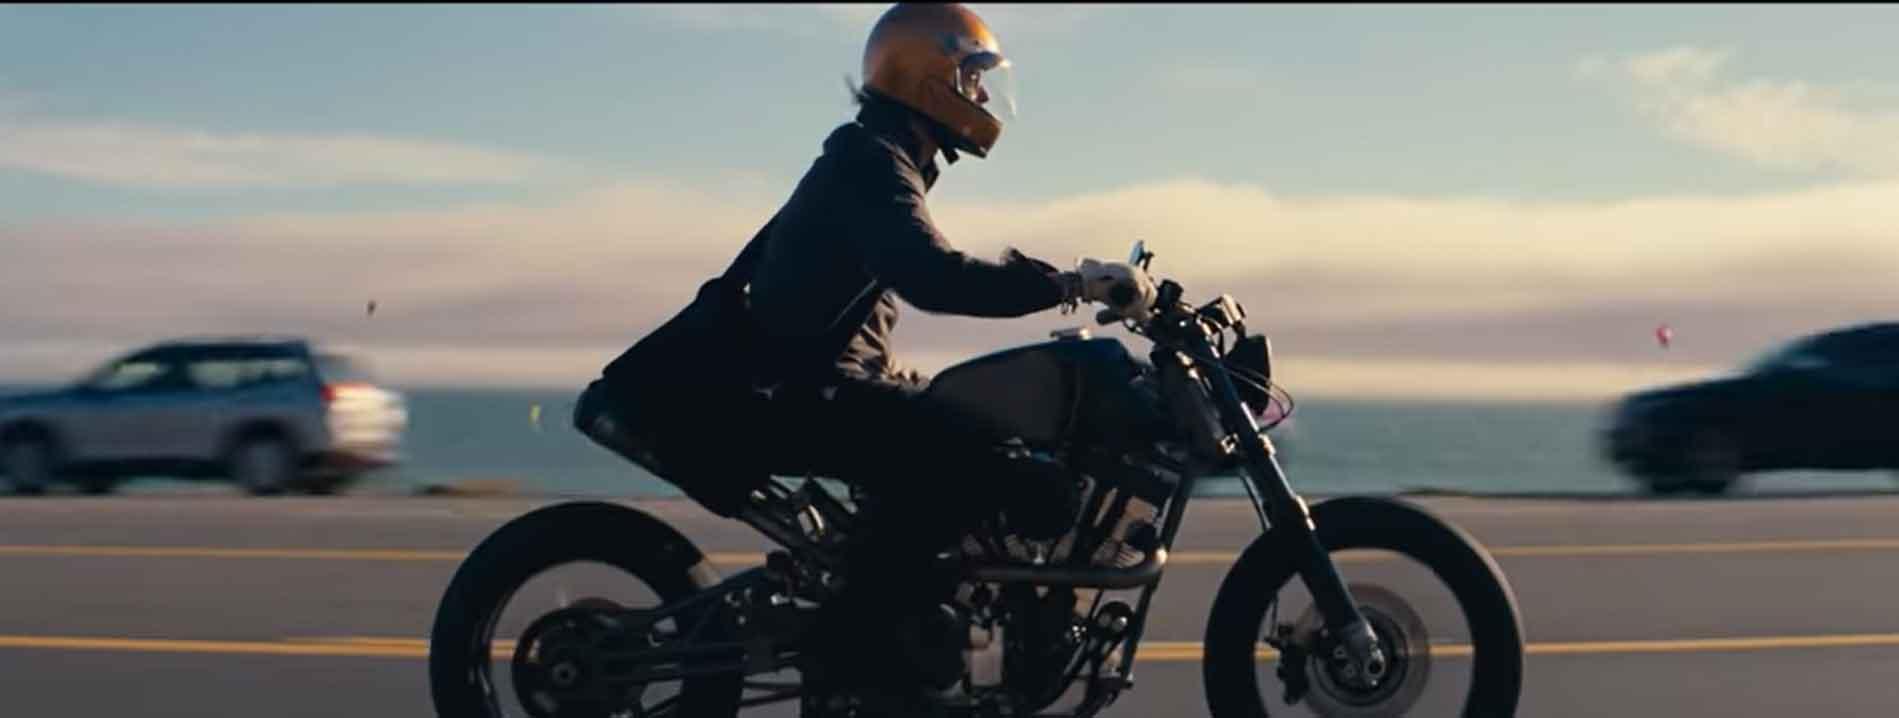 Brad Pitt  pilota a moto mais cara do mundo em novo anúncio da De'Longhi. Foto: Reprodução Youtube